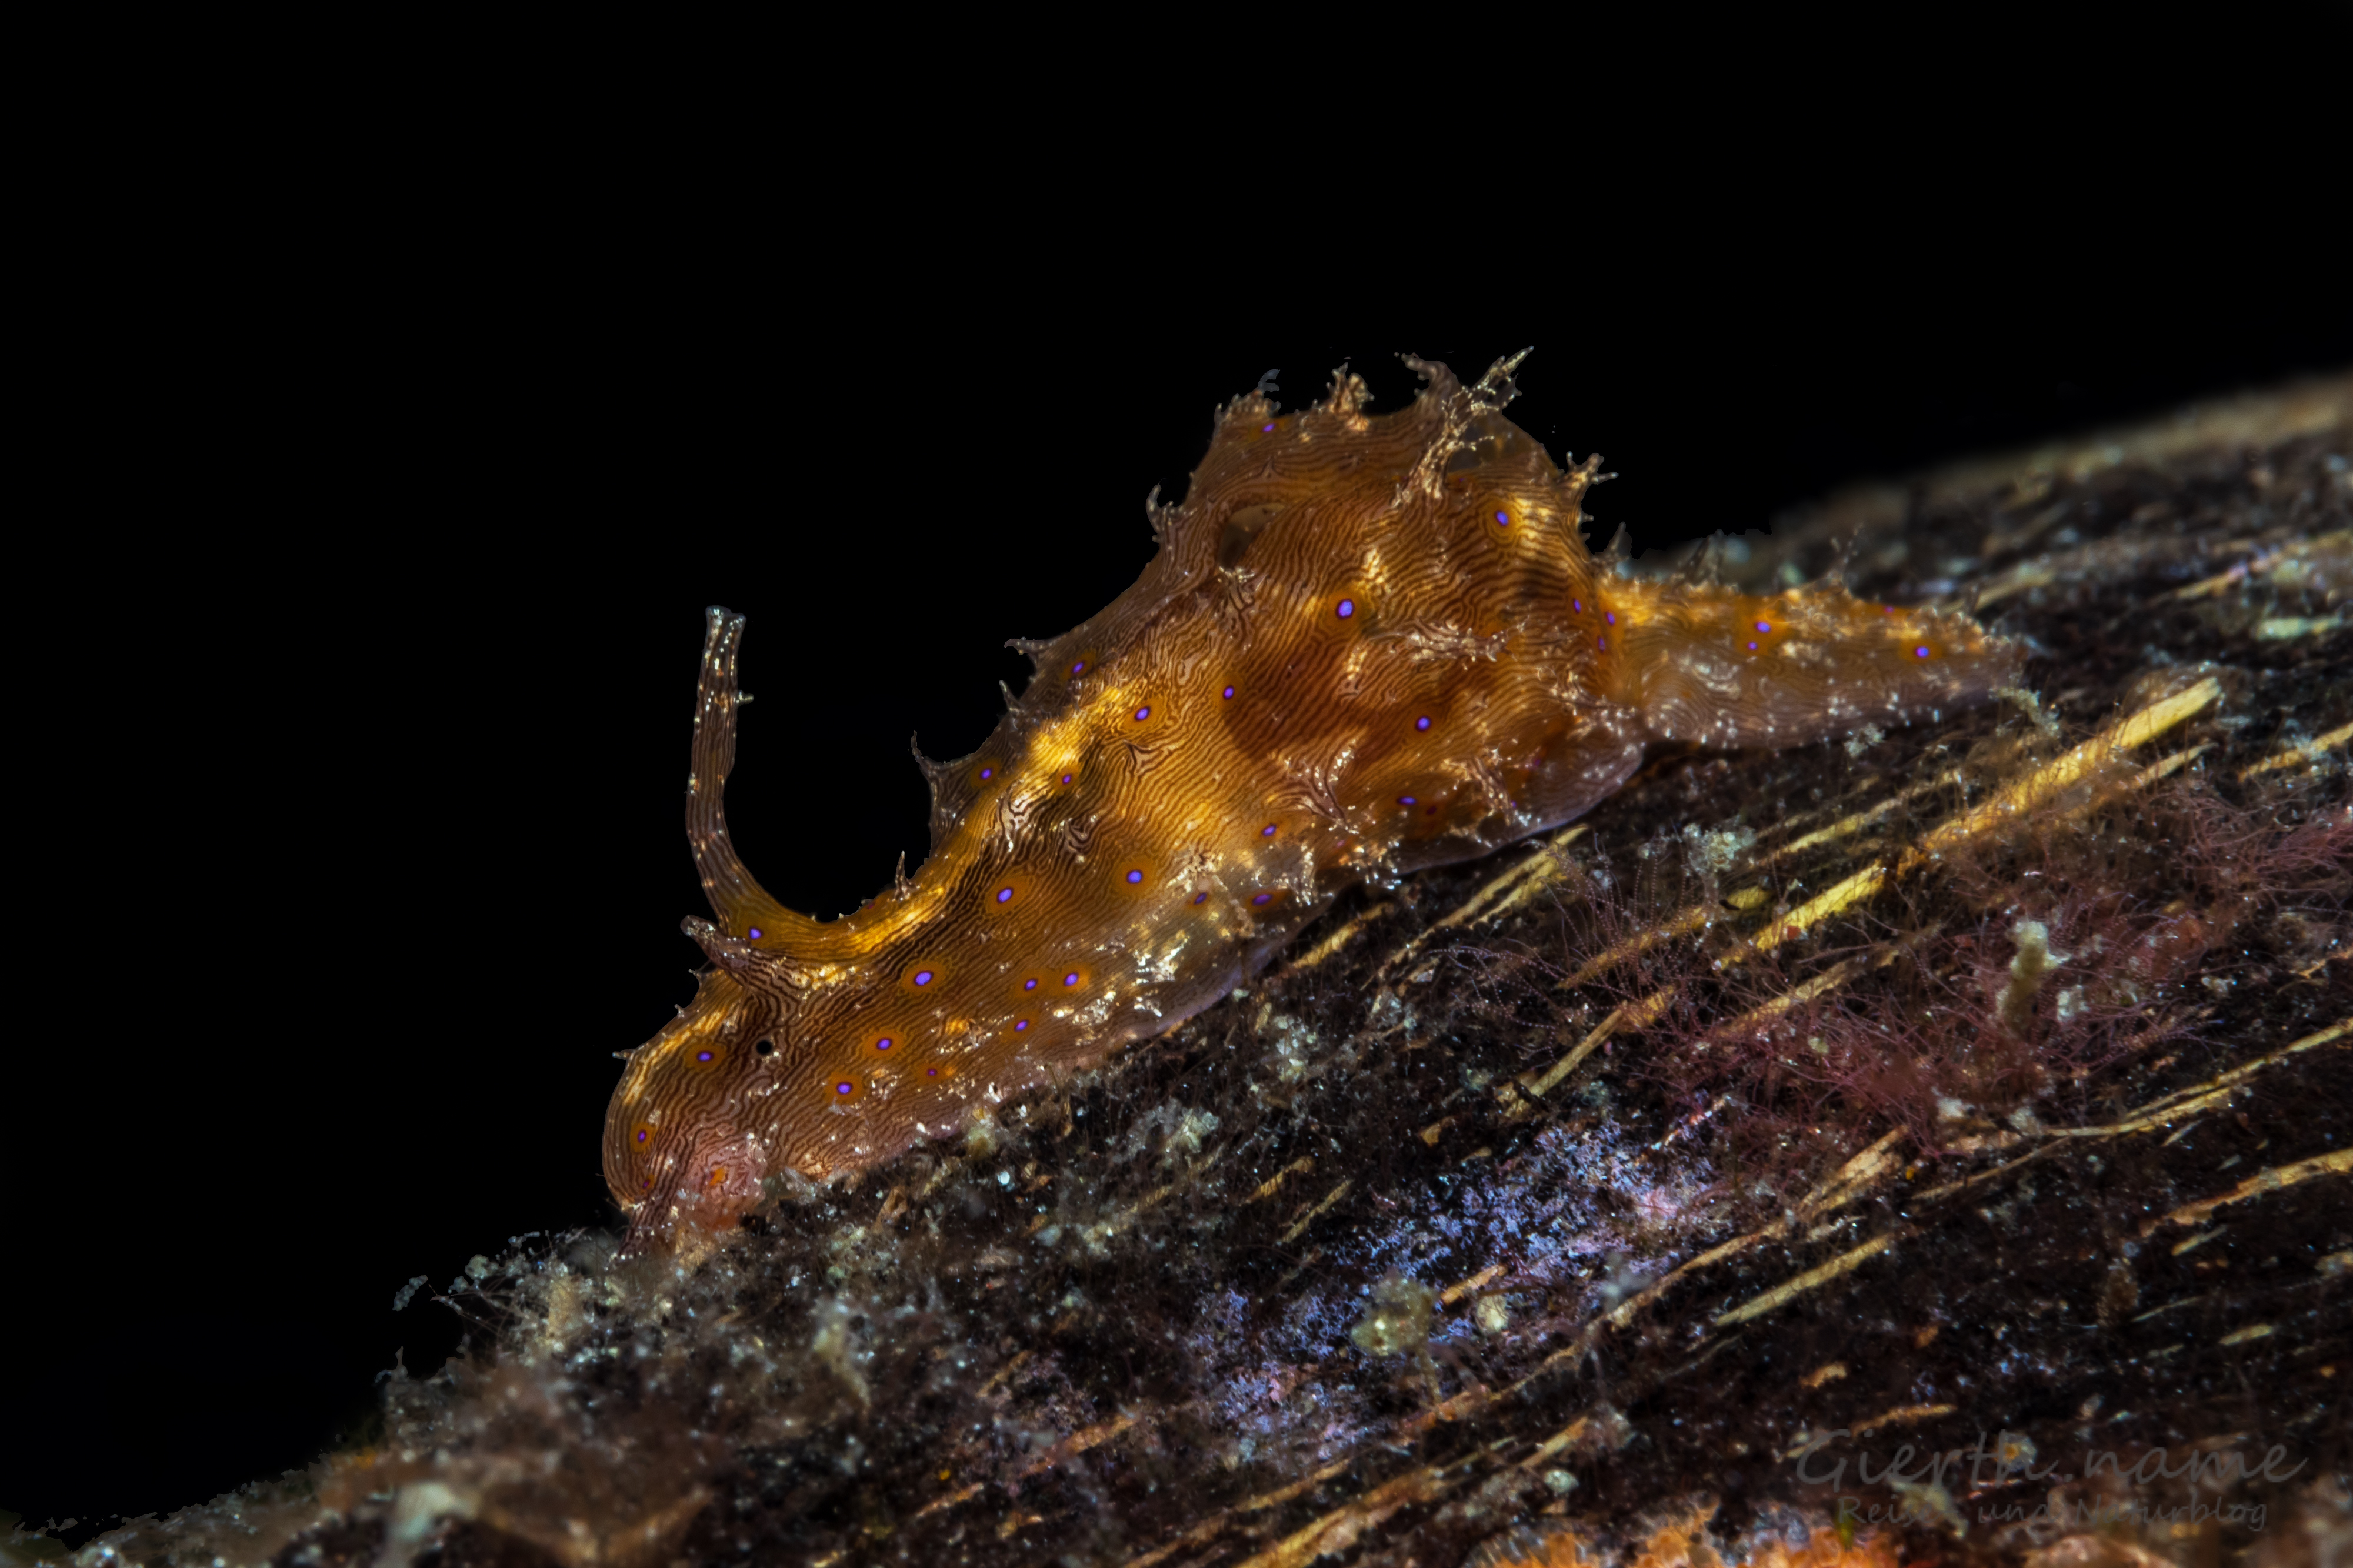 Ein Seehase - Stylocheilusstriatus - auf Kokosnussschale